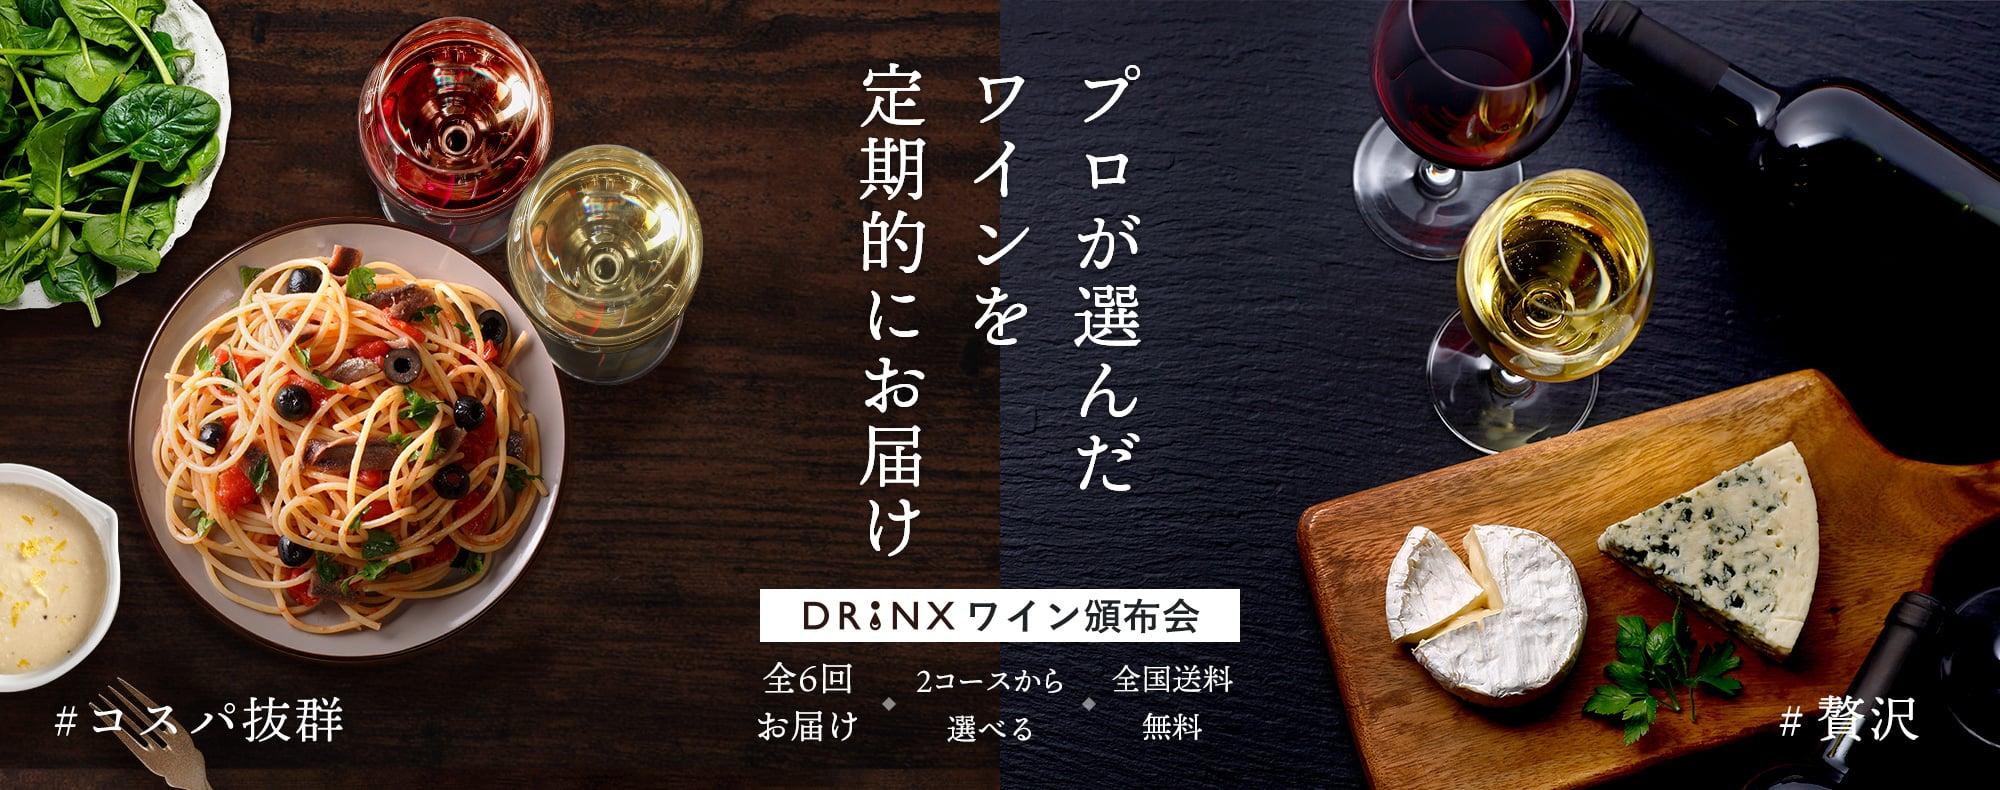 プロが選んだワインを定期的にお届け DRINX ワイン頒布会 全6回お届け・2コースから選べる・全国送料無料 #コスパ抜群 #贅沢